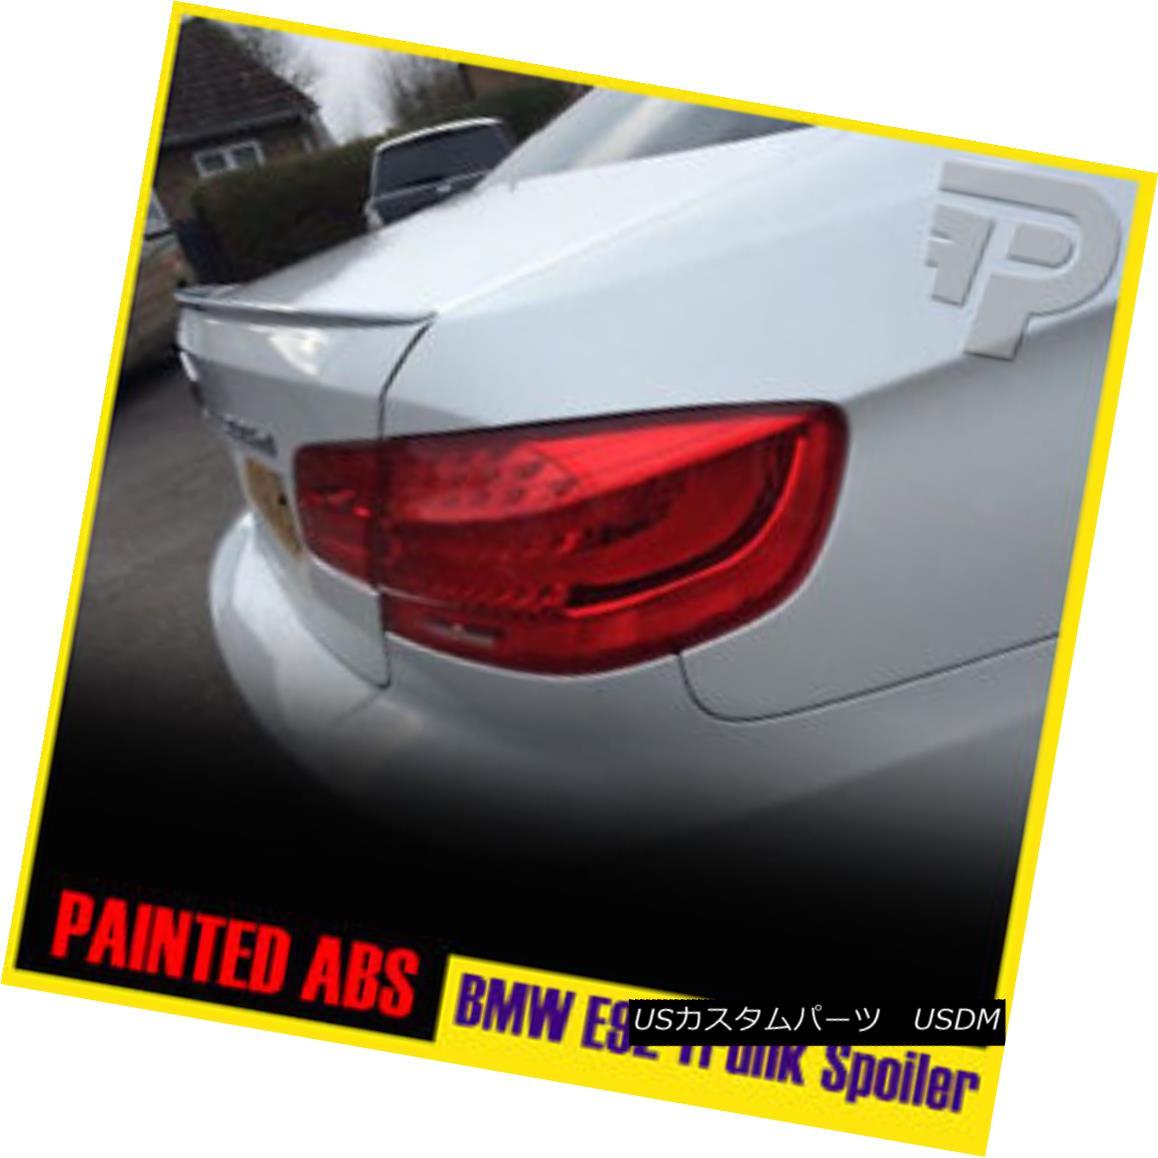 エアロパーツ PAINTED COLOR E92 BMW 2DR COUPE M3 LOOK TRUNK REAR SPOILER #300 WHITE 335i 塗装色E92 BMW 2DR COUPE M3ルックトランクリアスポイラー#300ホワイト335i